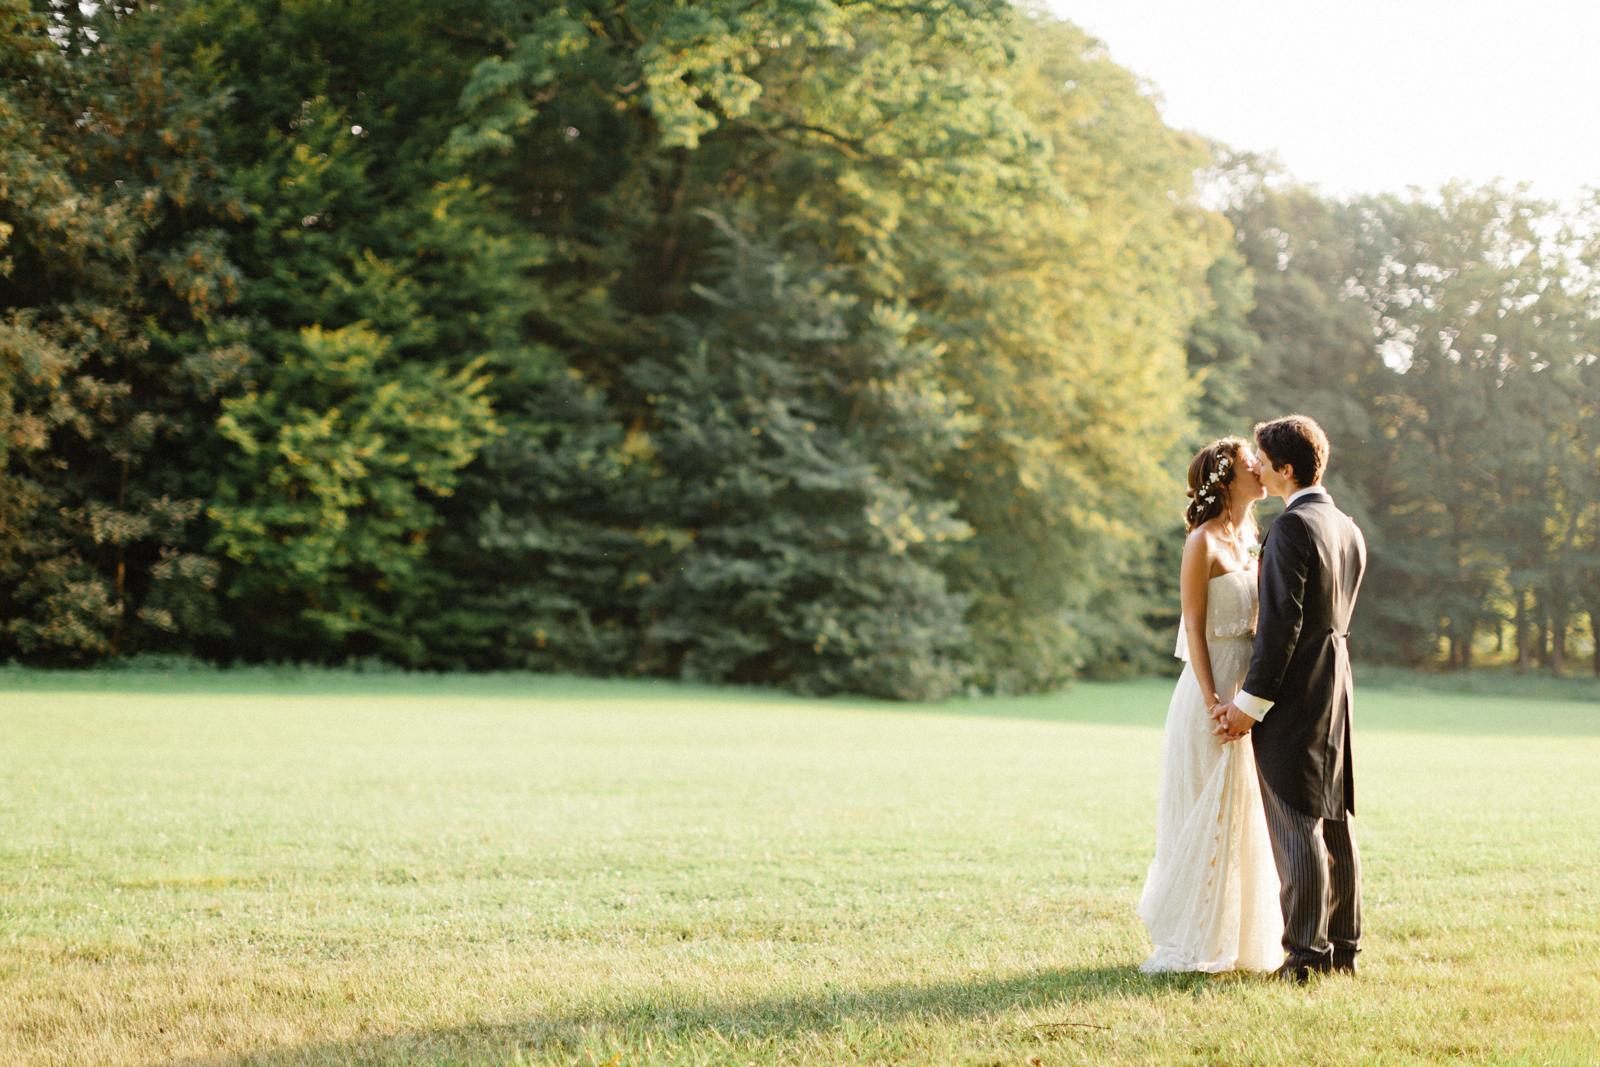 Mariage Château de Changy - Mariage dans le Loiret - Mariage en bleu Tiffany - Mariage et littérature - Les crâneuses - Wedding planner - Wedding designer